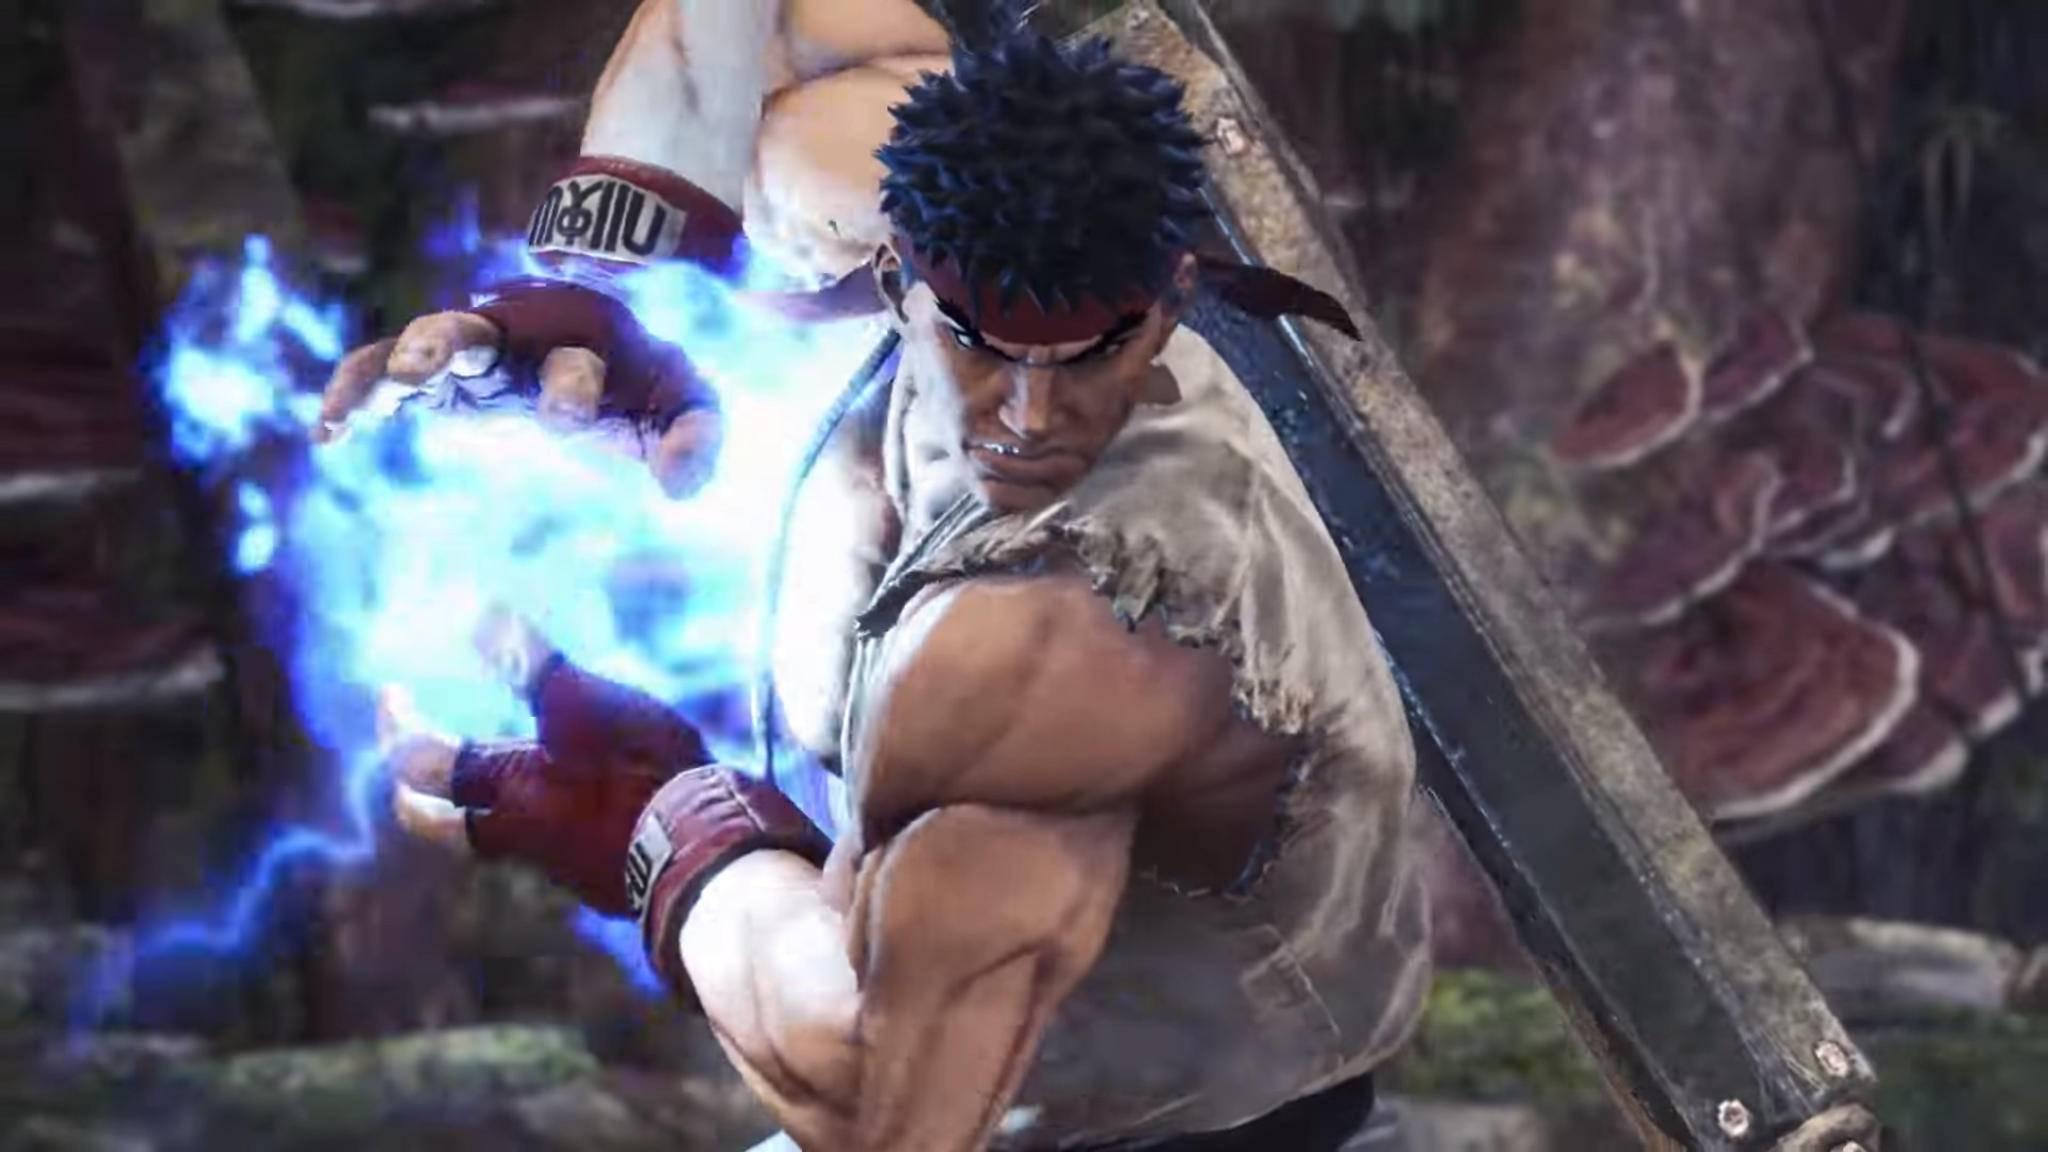 """Ryu feuert seine Hadouken-Attacken ab sofort in """"Monster Hunter: World""""."""